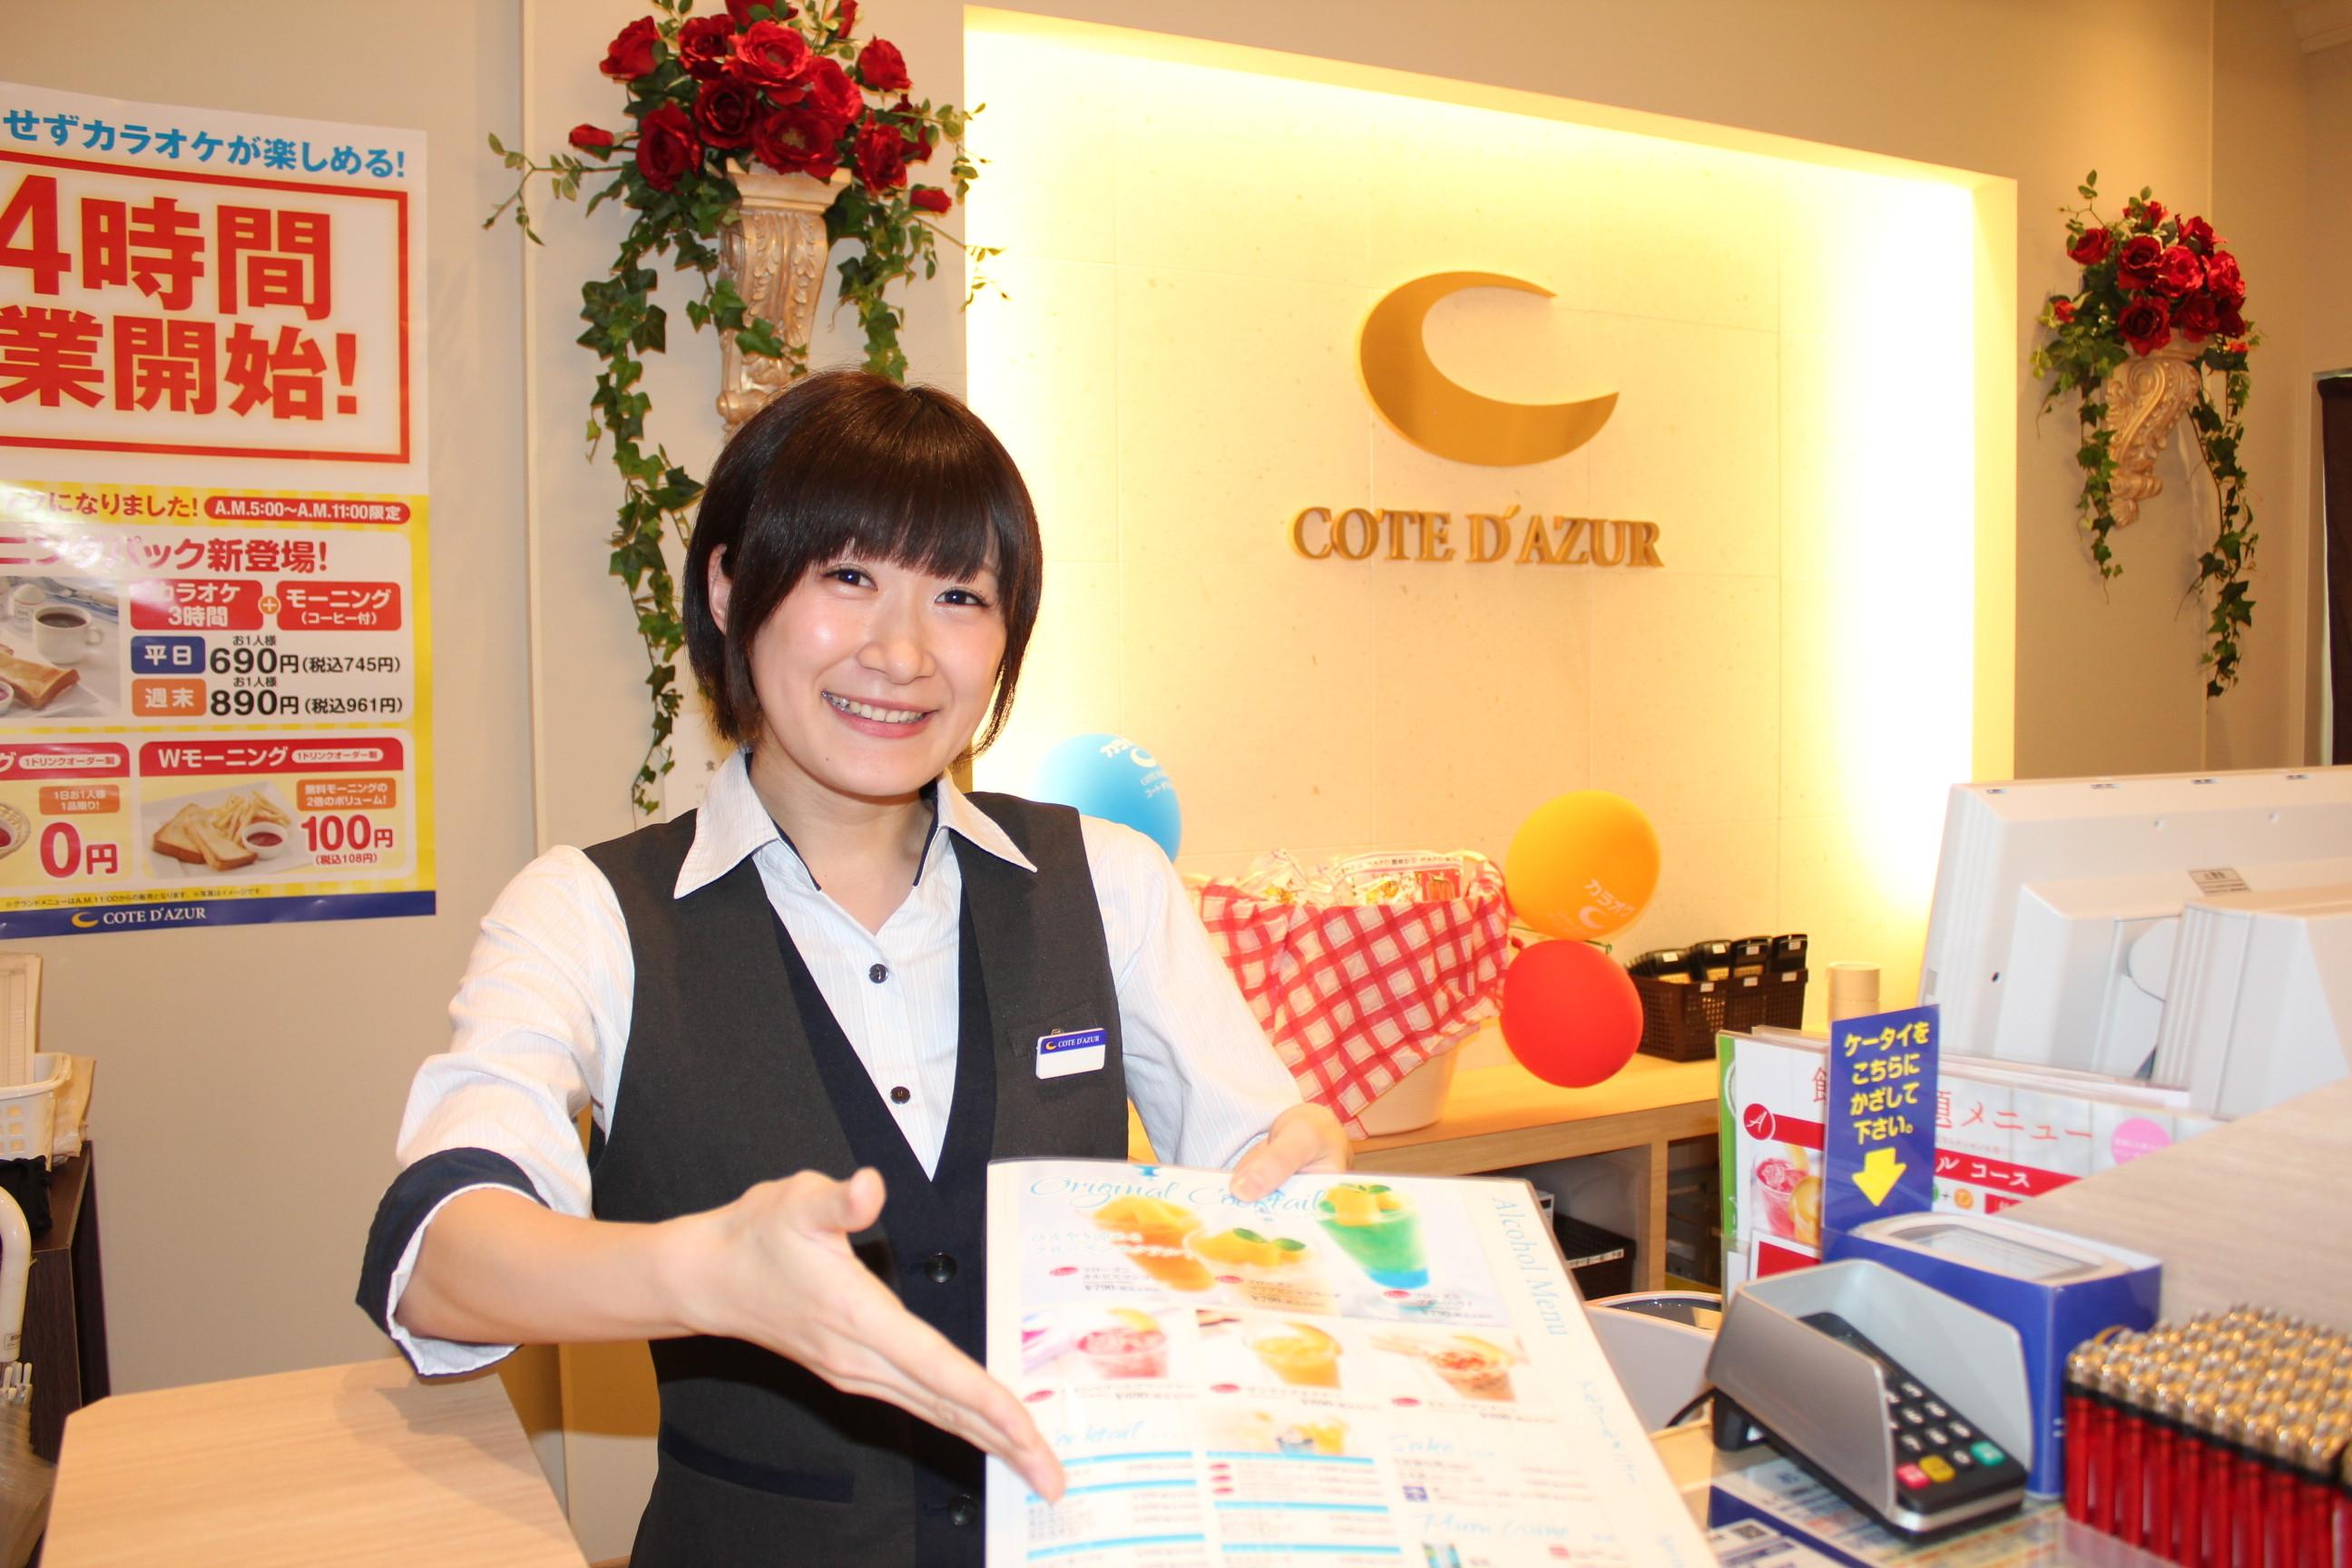 コート・ダジュール 福岡行橋店 のアルバイト情報